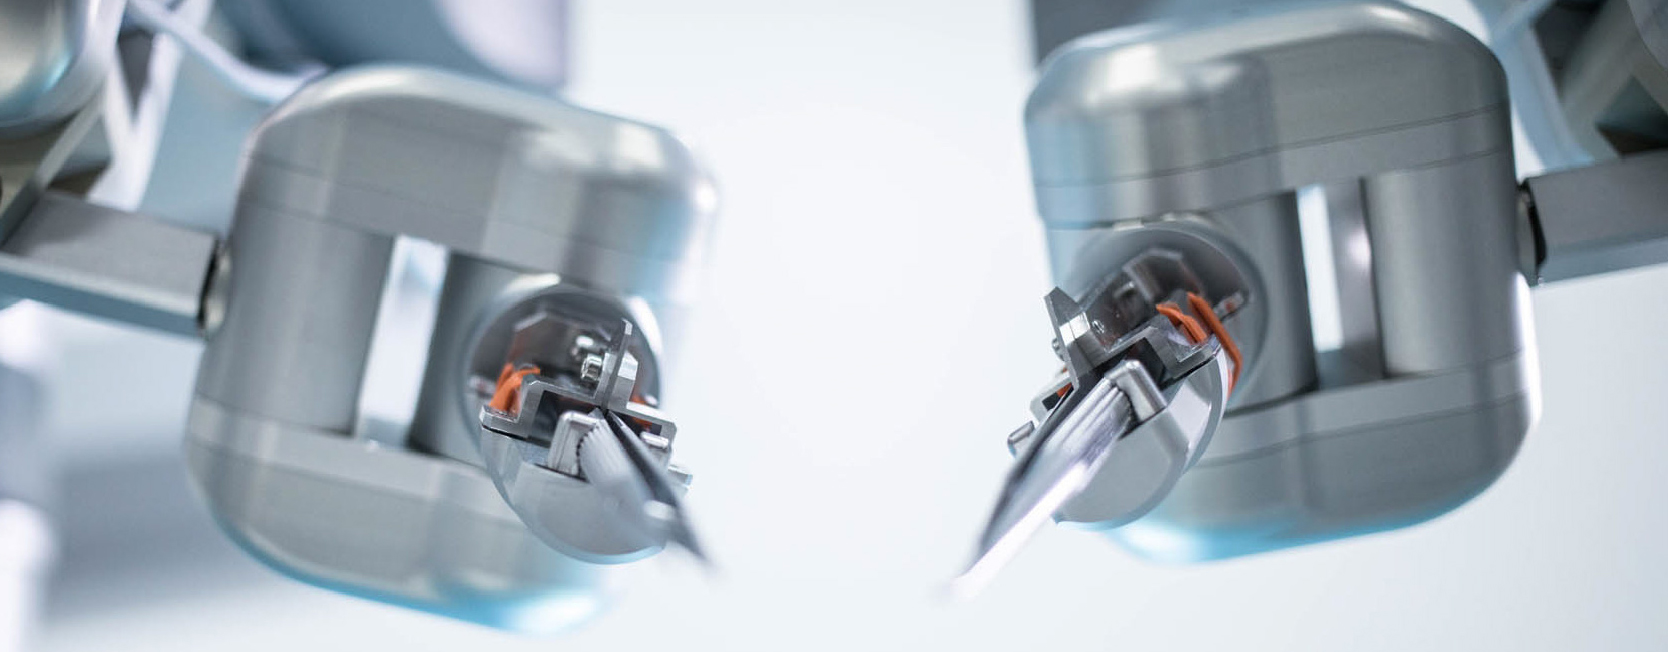 рабочие инструменты роботизированной системы